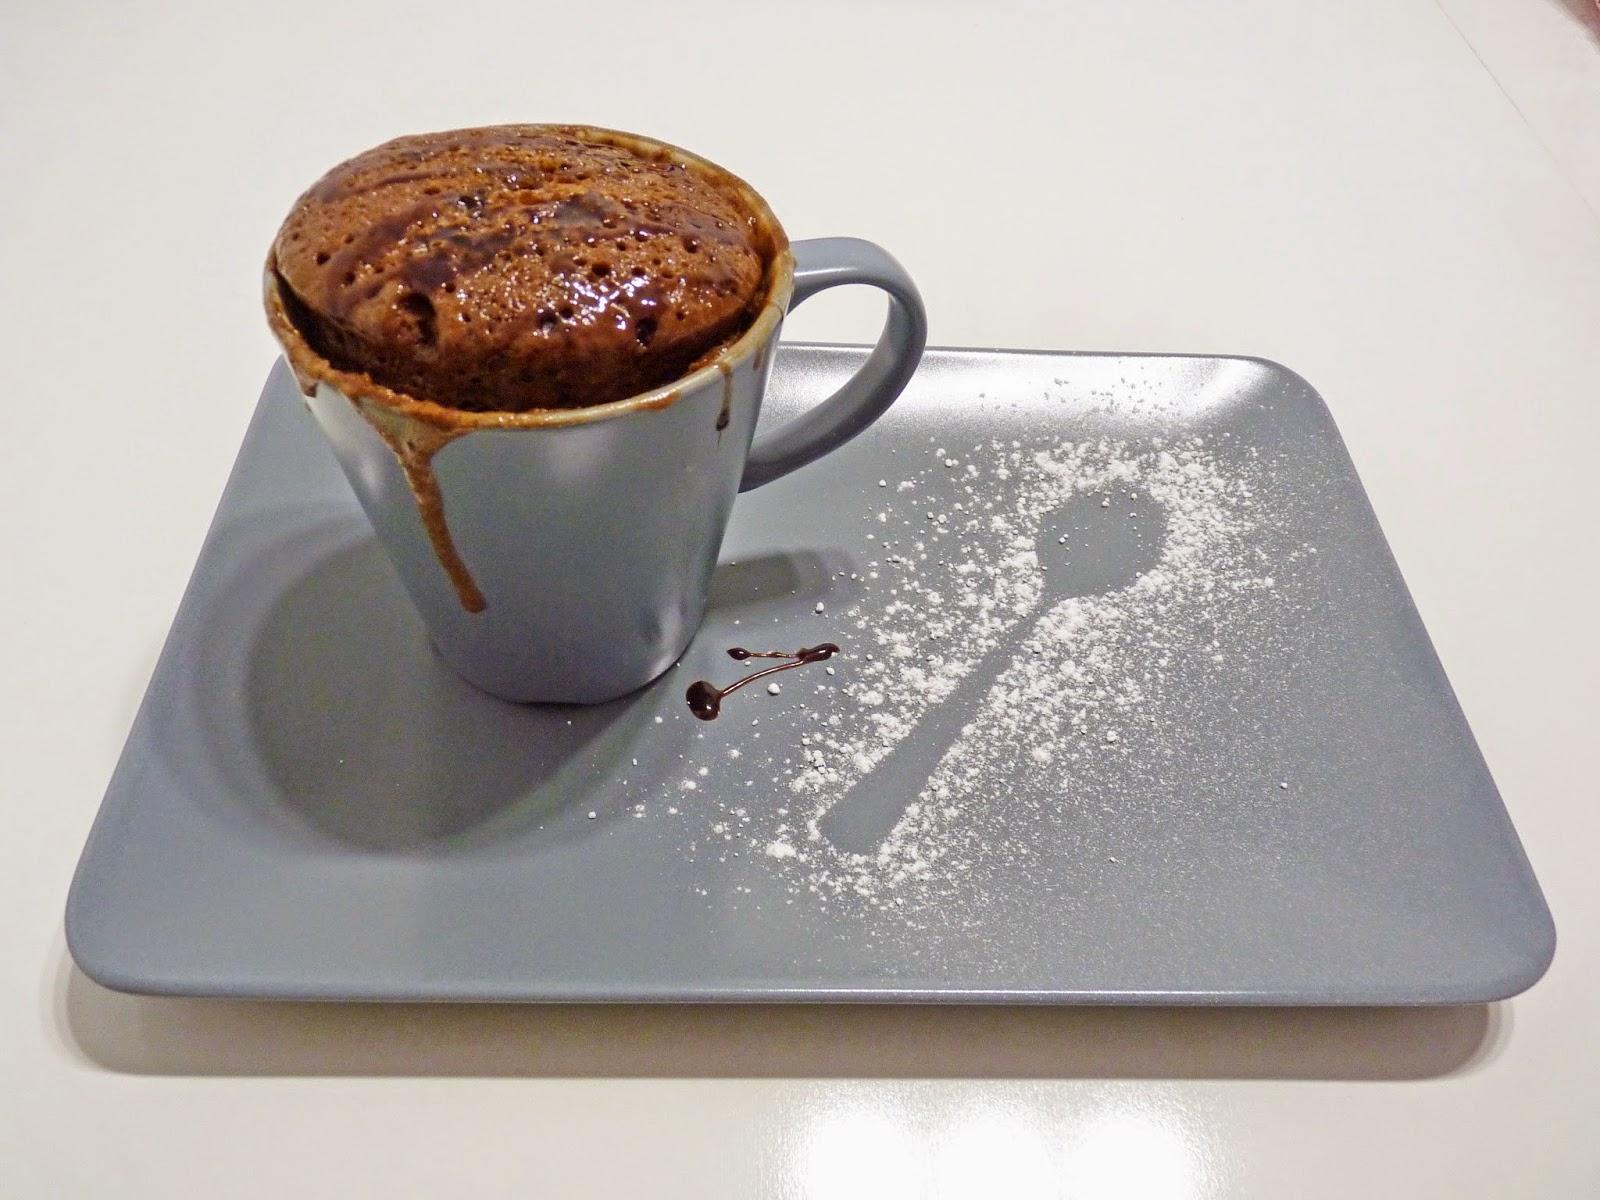 Mug cake de ColaCao & Nutellao bizcocho en taza